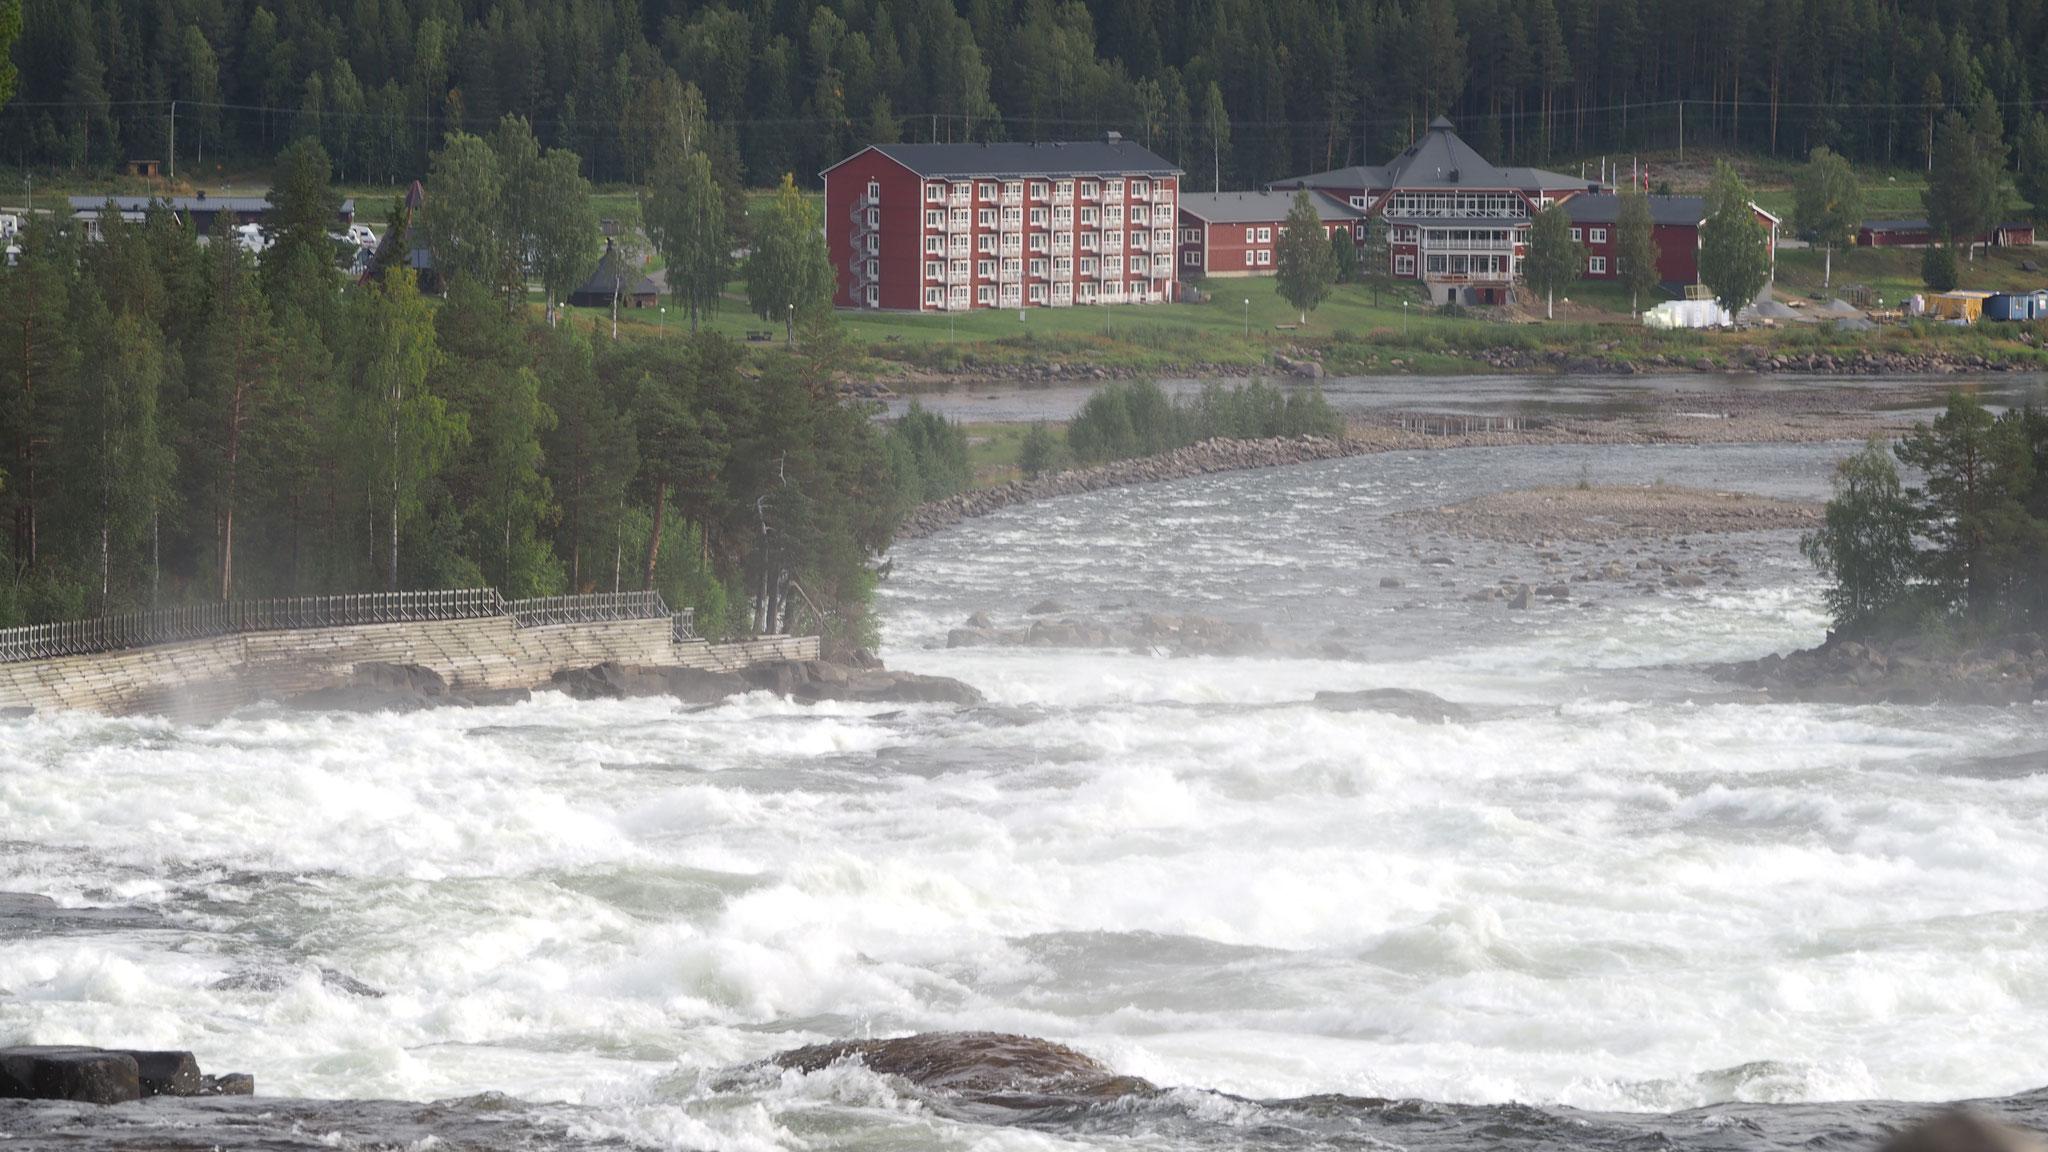 Blick vom Storforsen zum Hotel/Campingplatz